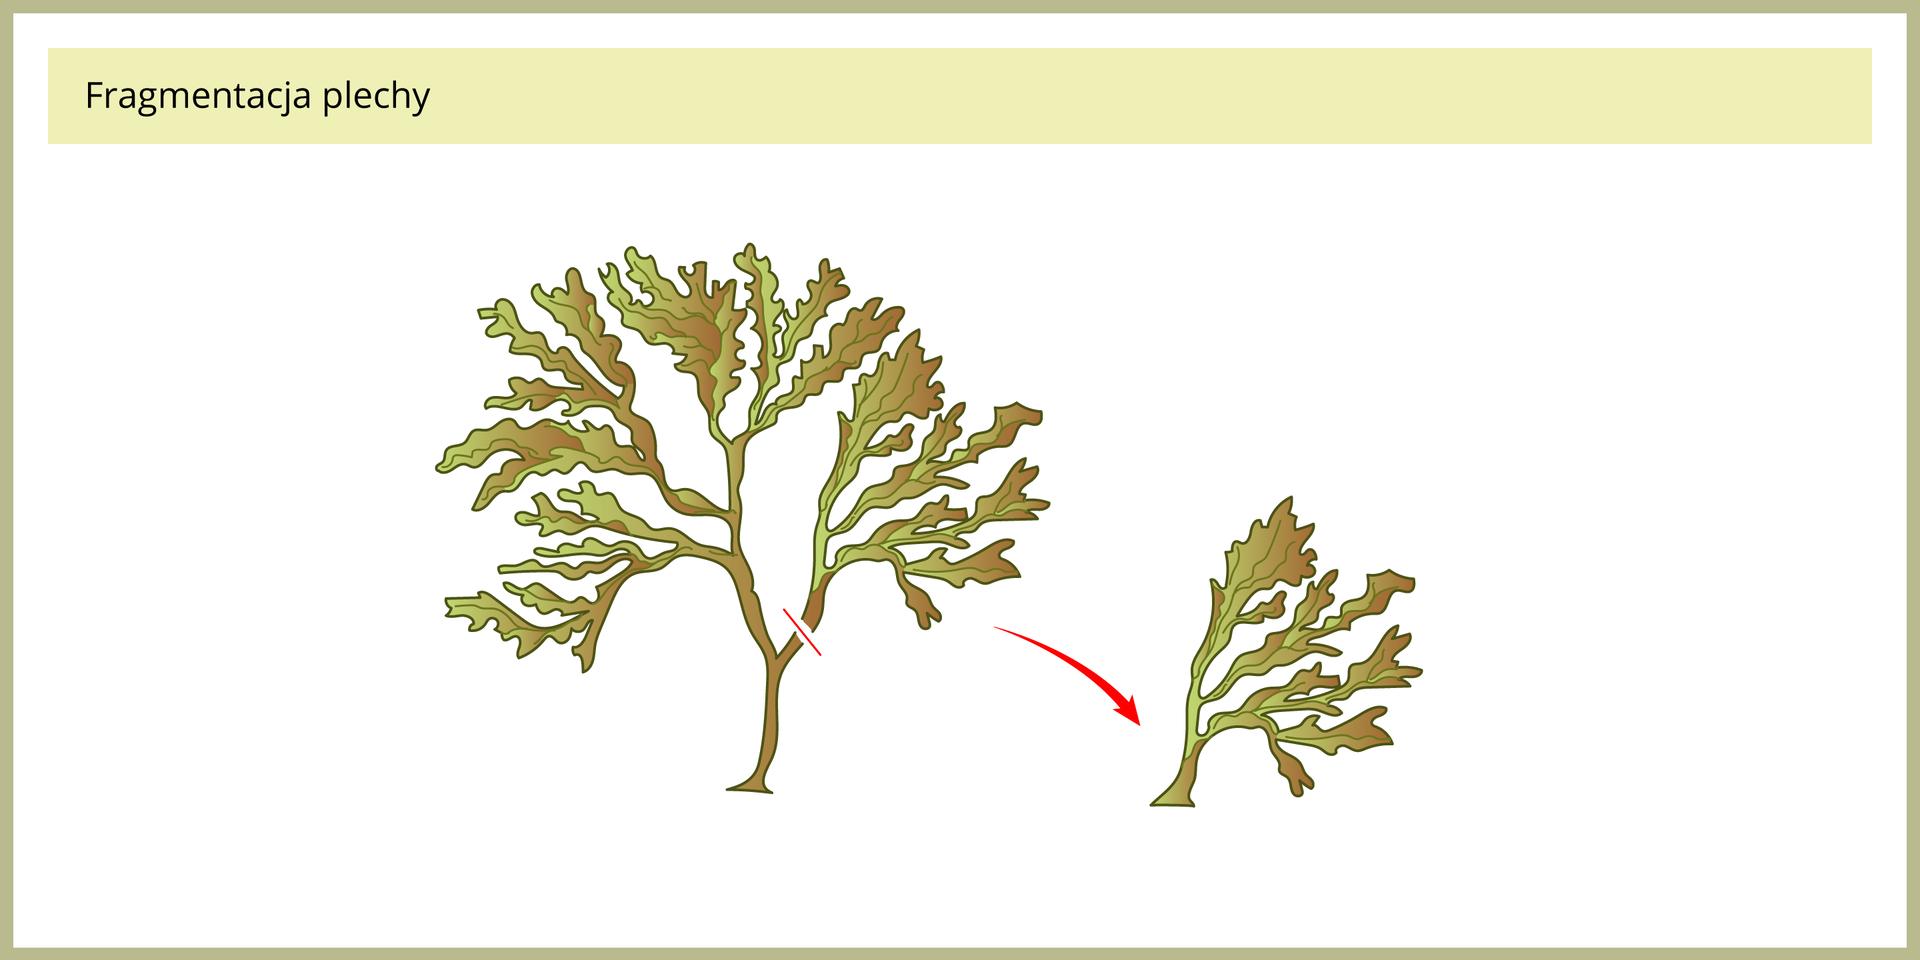 Ilustracja przedstawia dwa ciemno oliwkowe glony zgrupy brunatnic. Mniejszy, wskazany przez czerwoną strzałkę to oderwany od dużego kawałek ciała, tak zwanej plechy. Taki sposób rozmnażania nazywa się podziałem plechy*.